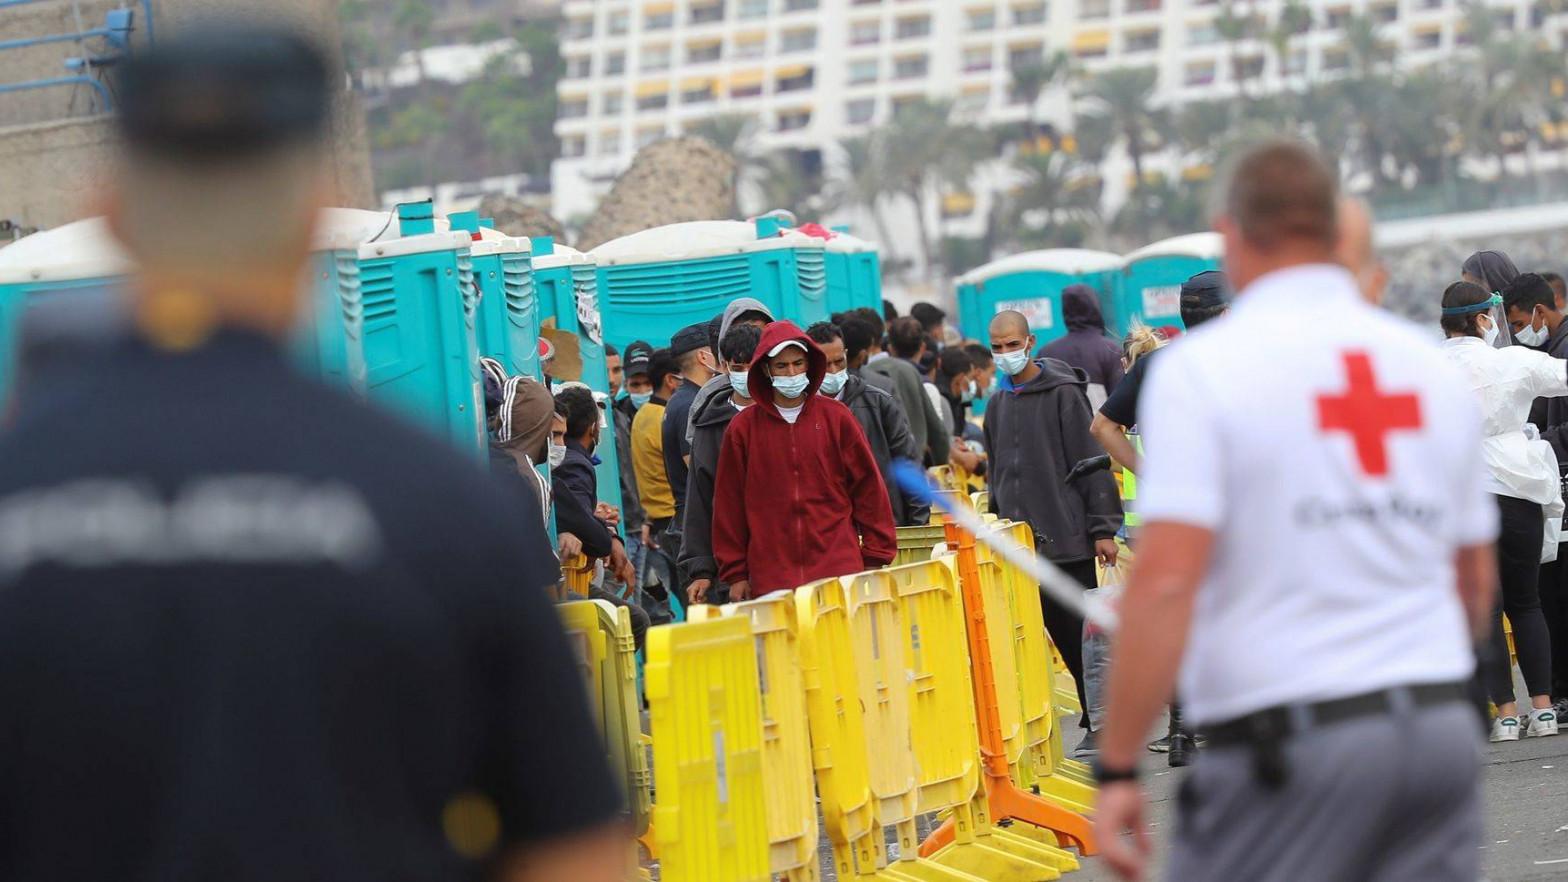 El Defensor del Pueblo pide estudiantes marroquíes para limitar la inmigración ilegal